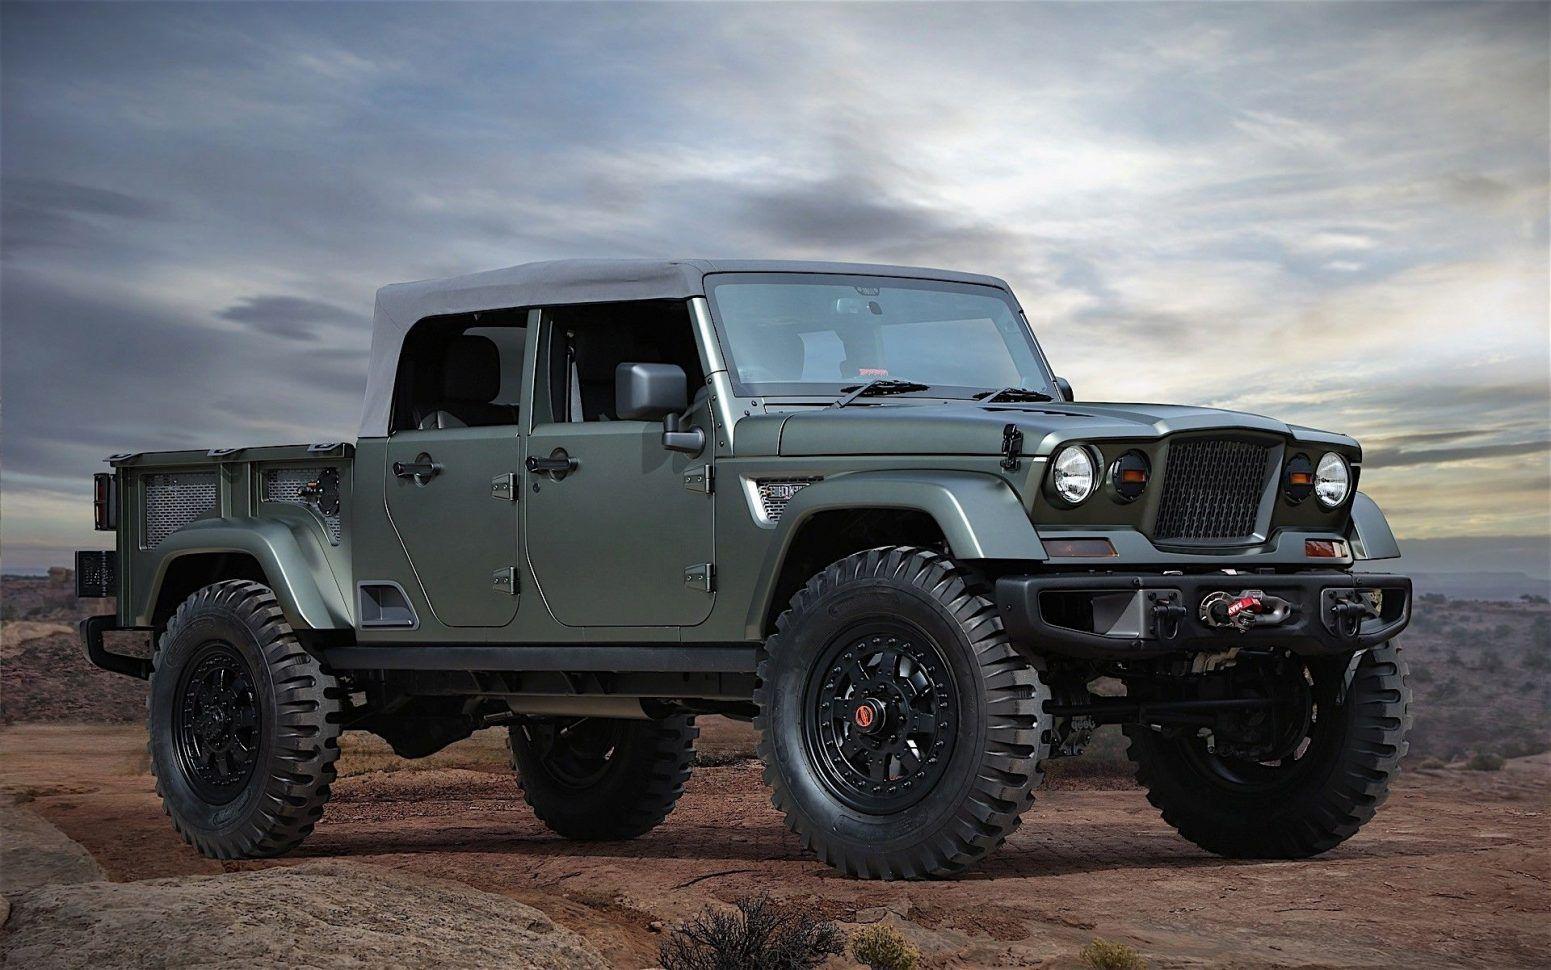 2019 Jeep Grand Cherokee Diesel Jeep Wrangler Pickup Jeep Gladiator Jeep Wrangler